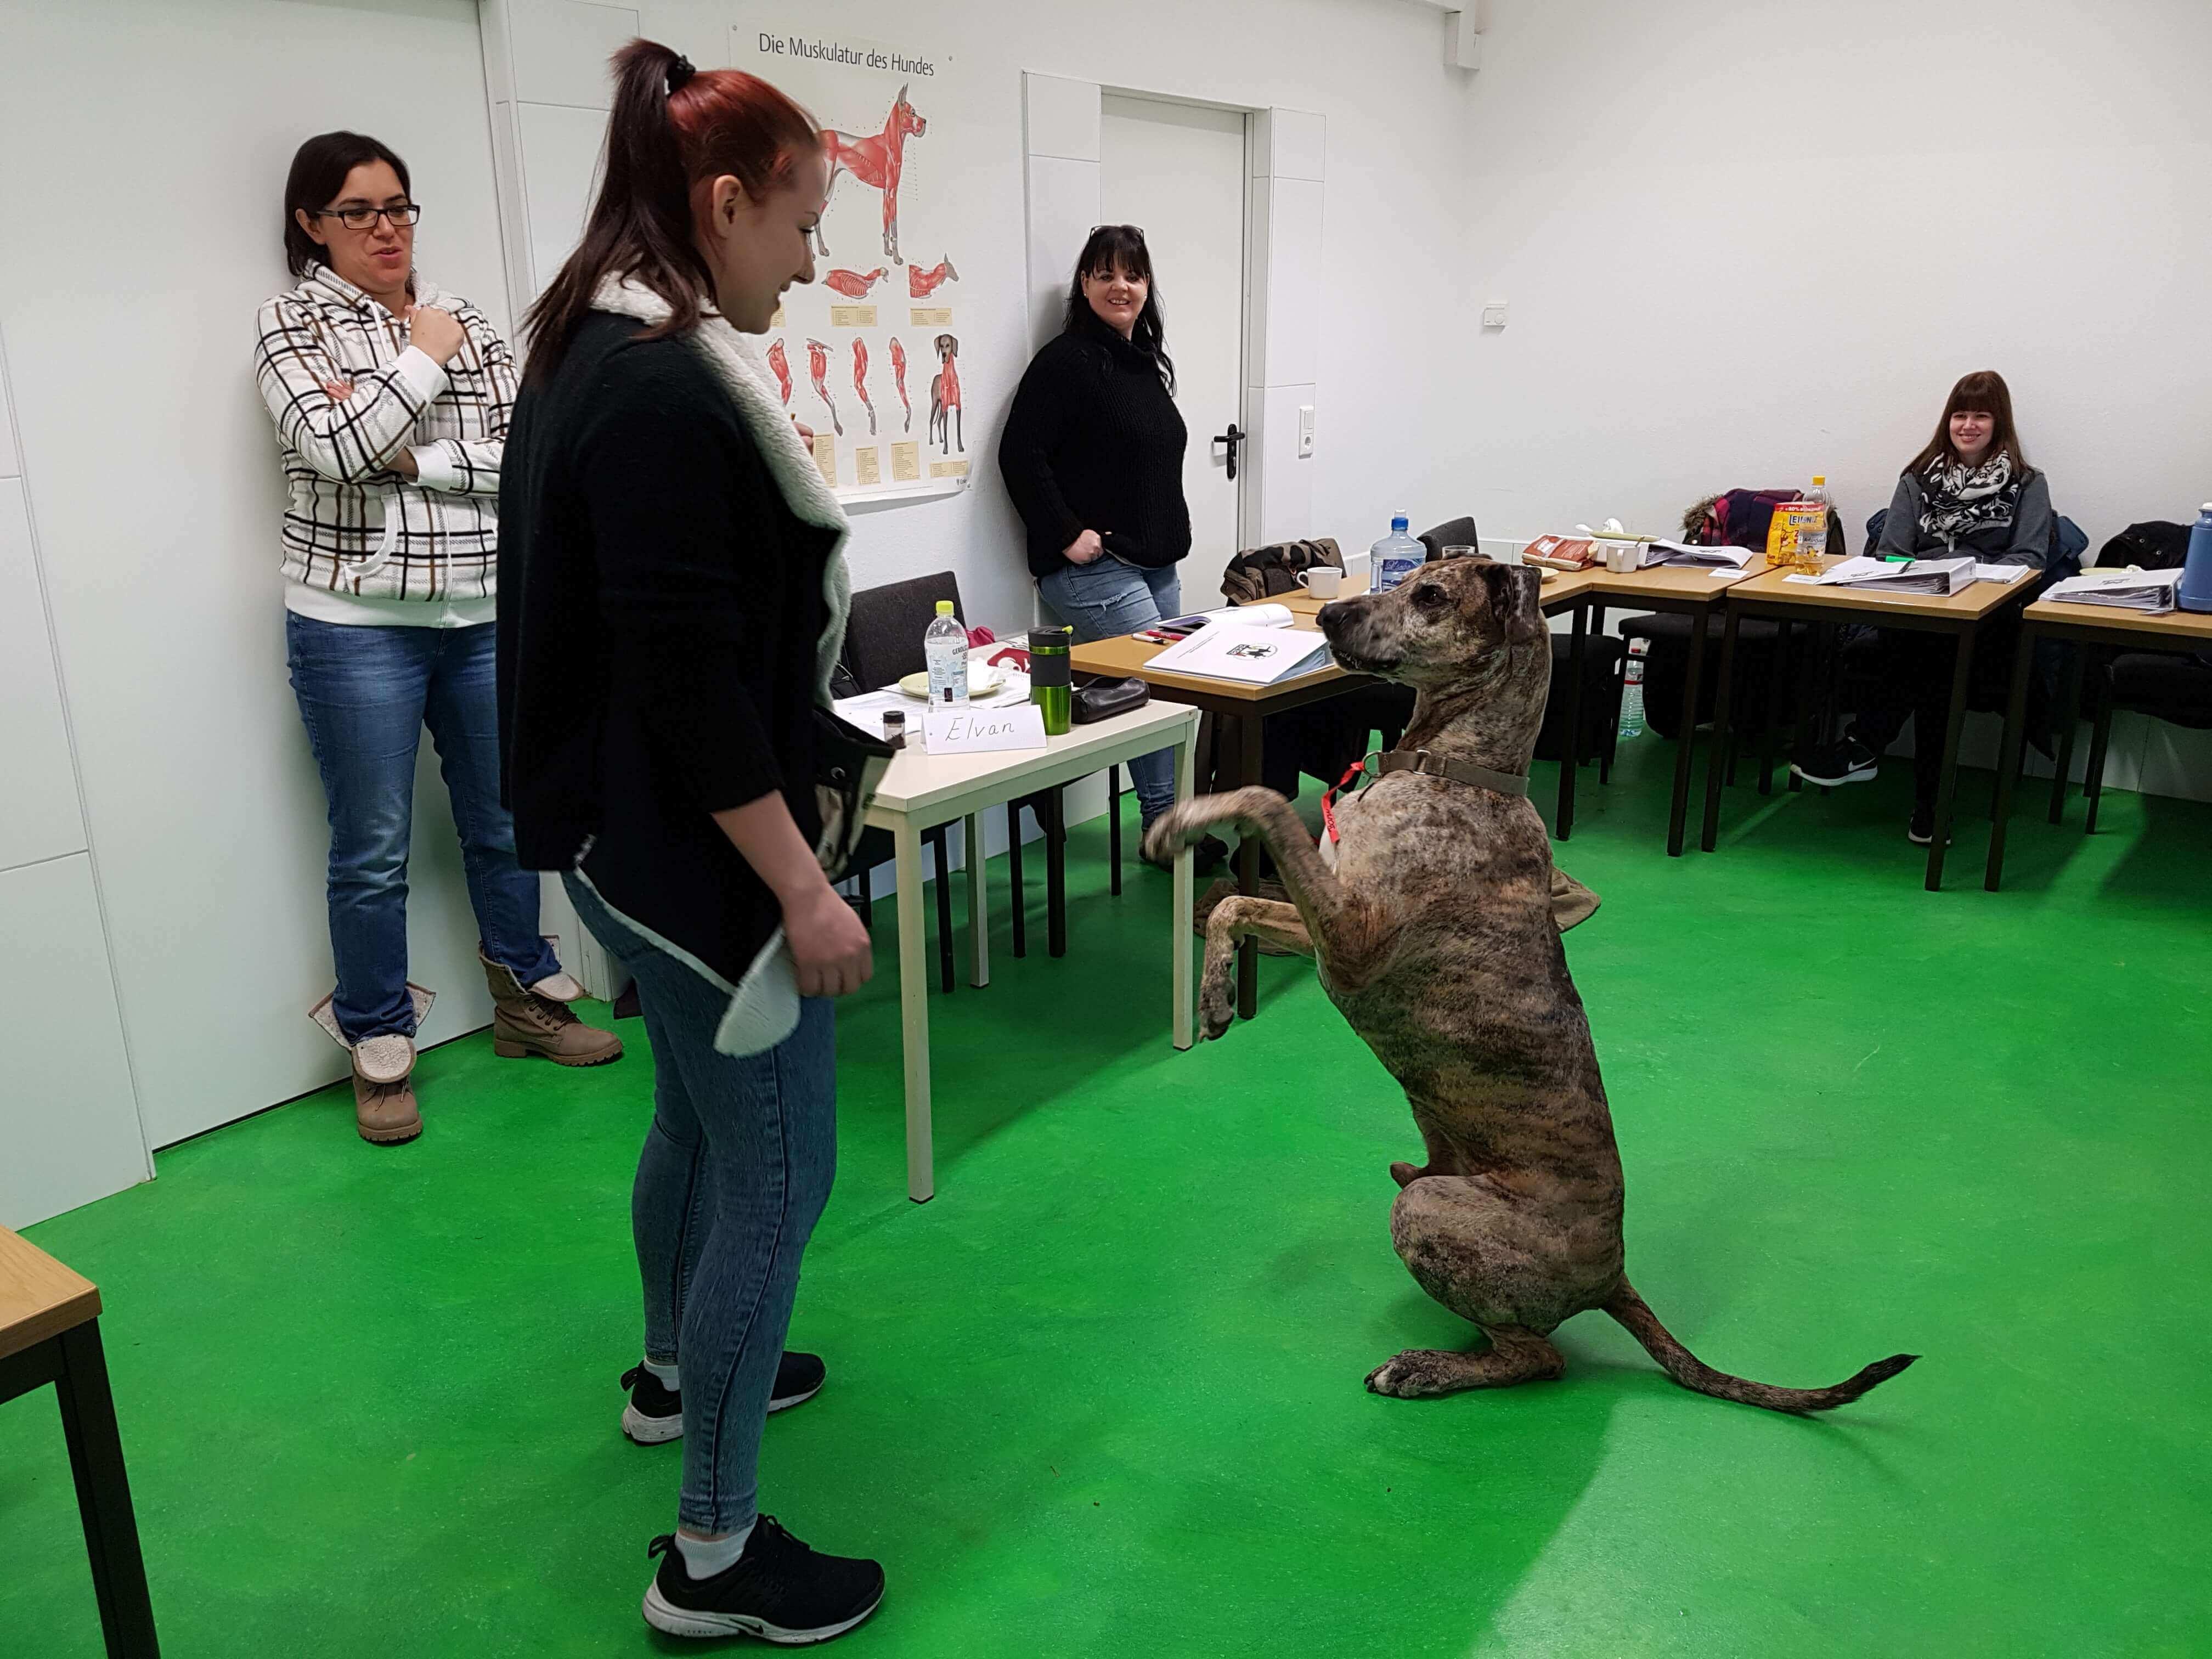 Bei der Hundeacademy in Stuttgart lernt Ihr Hund eine Grunderziehung. Informieren Sie sich hier!